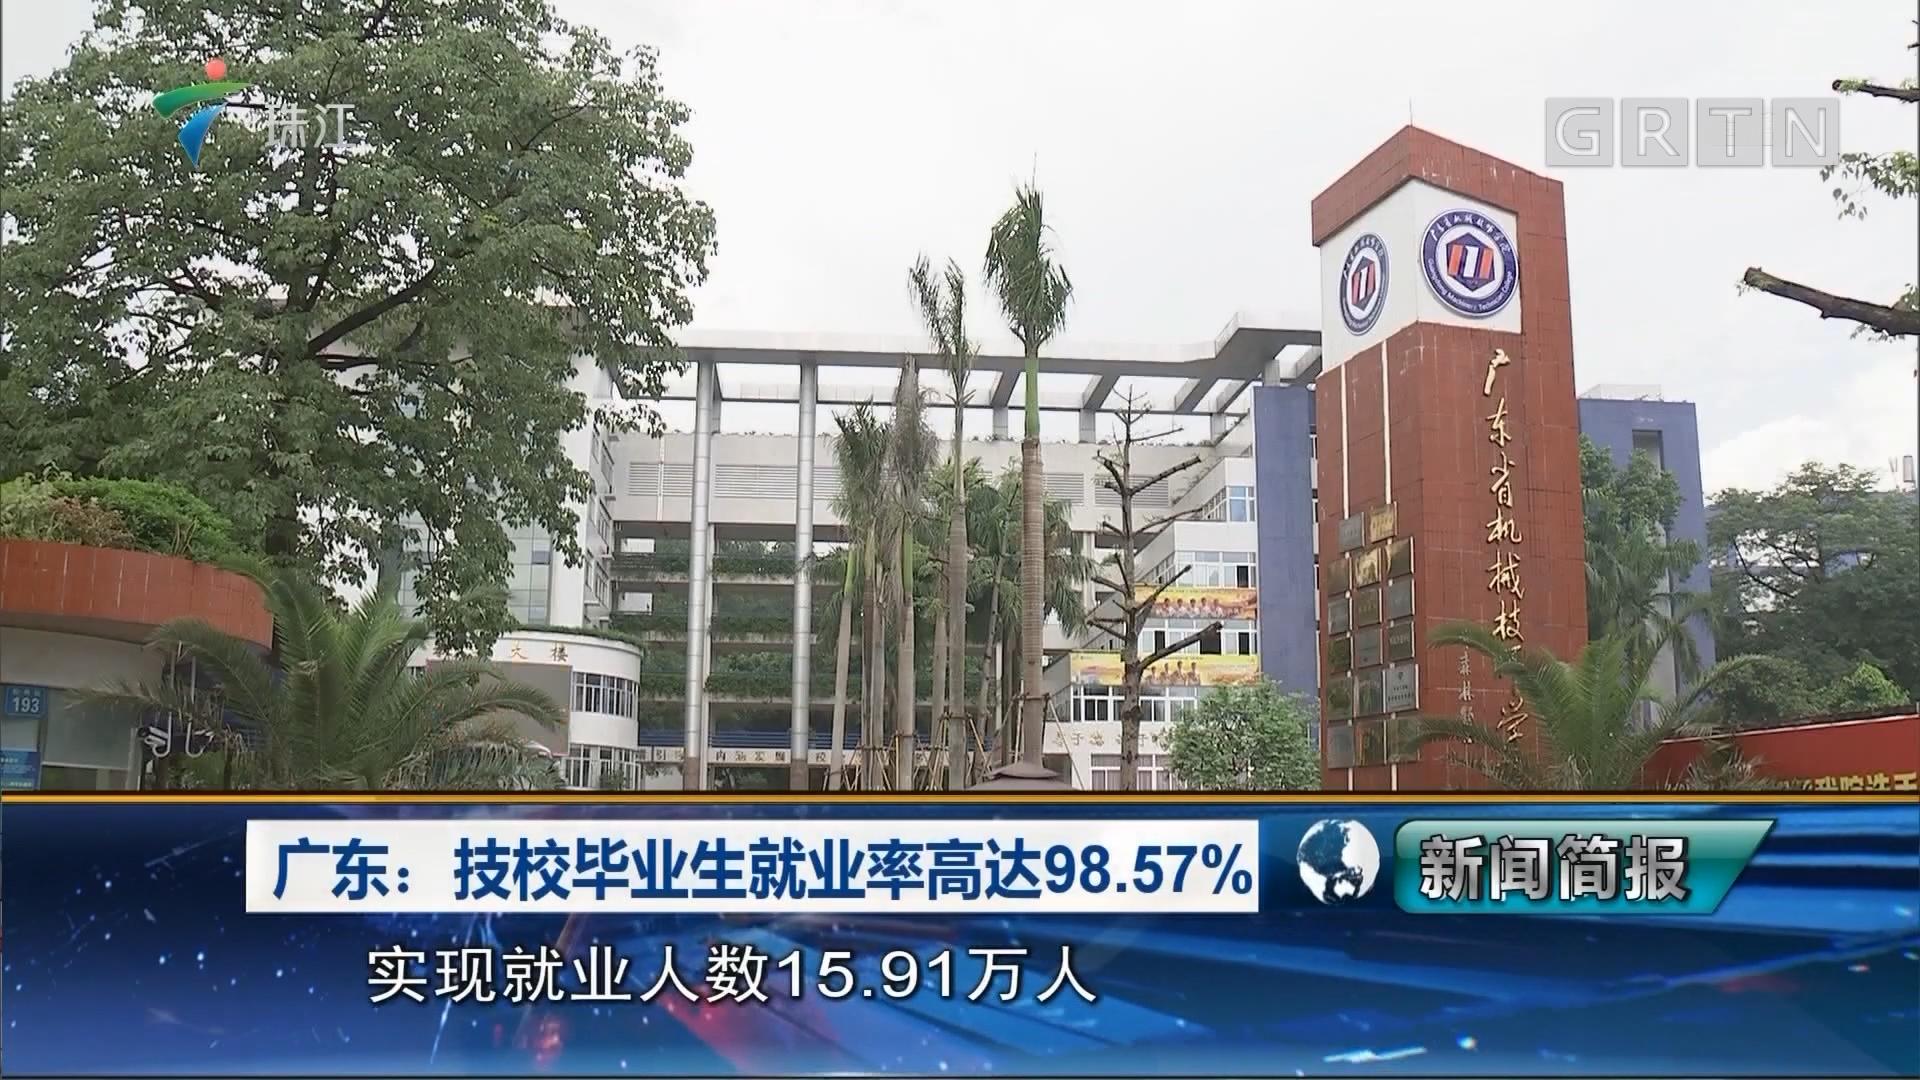 广东:技校毕业生就业率高达98.57%